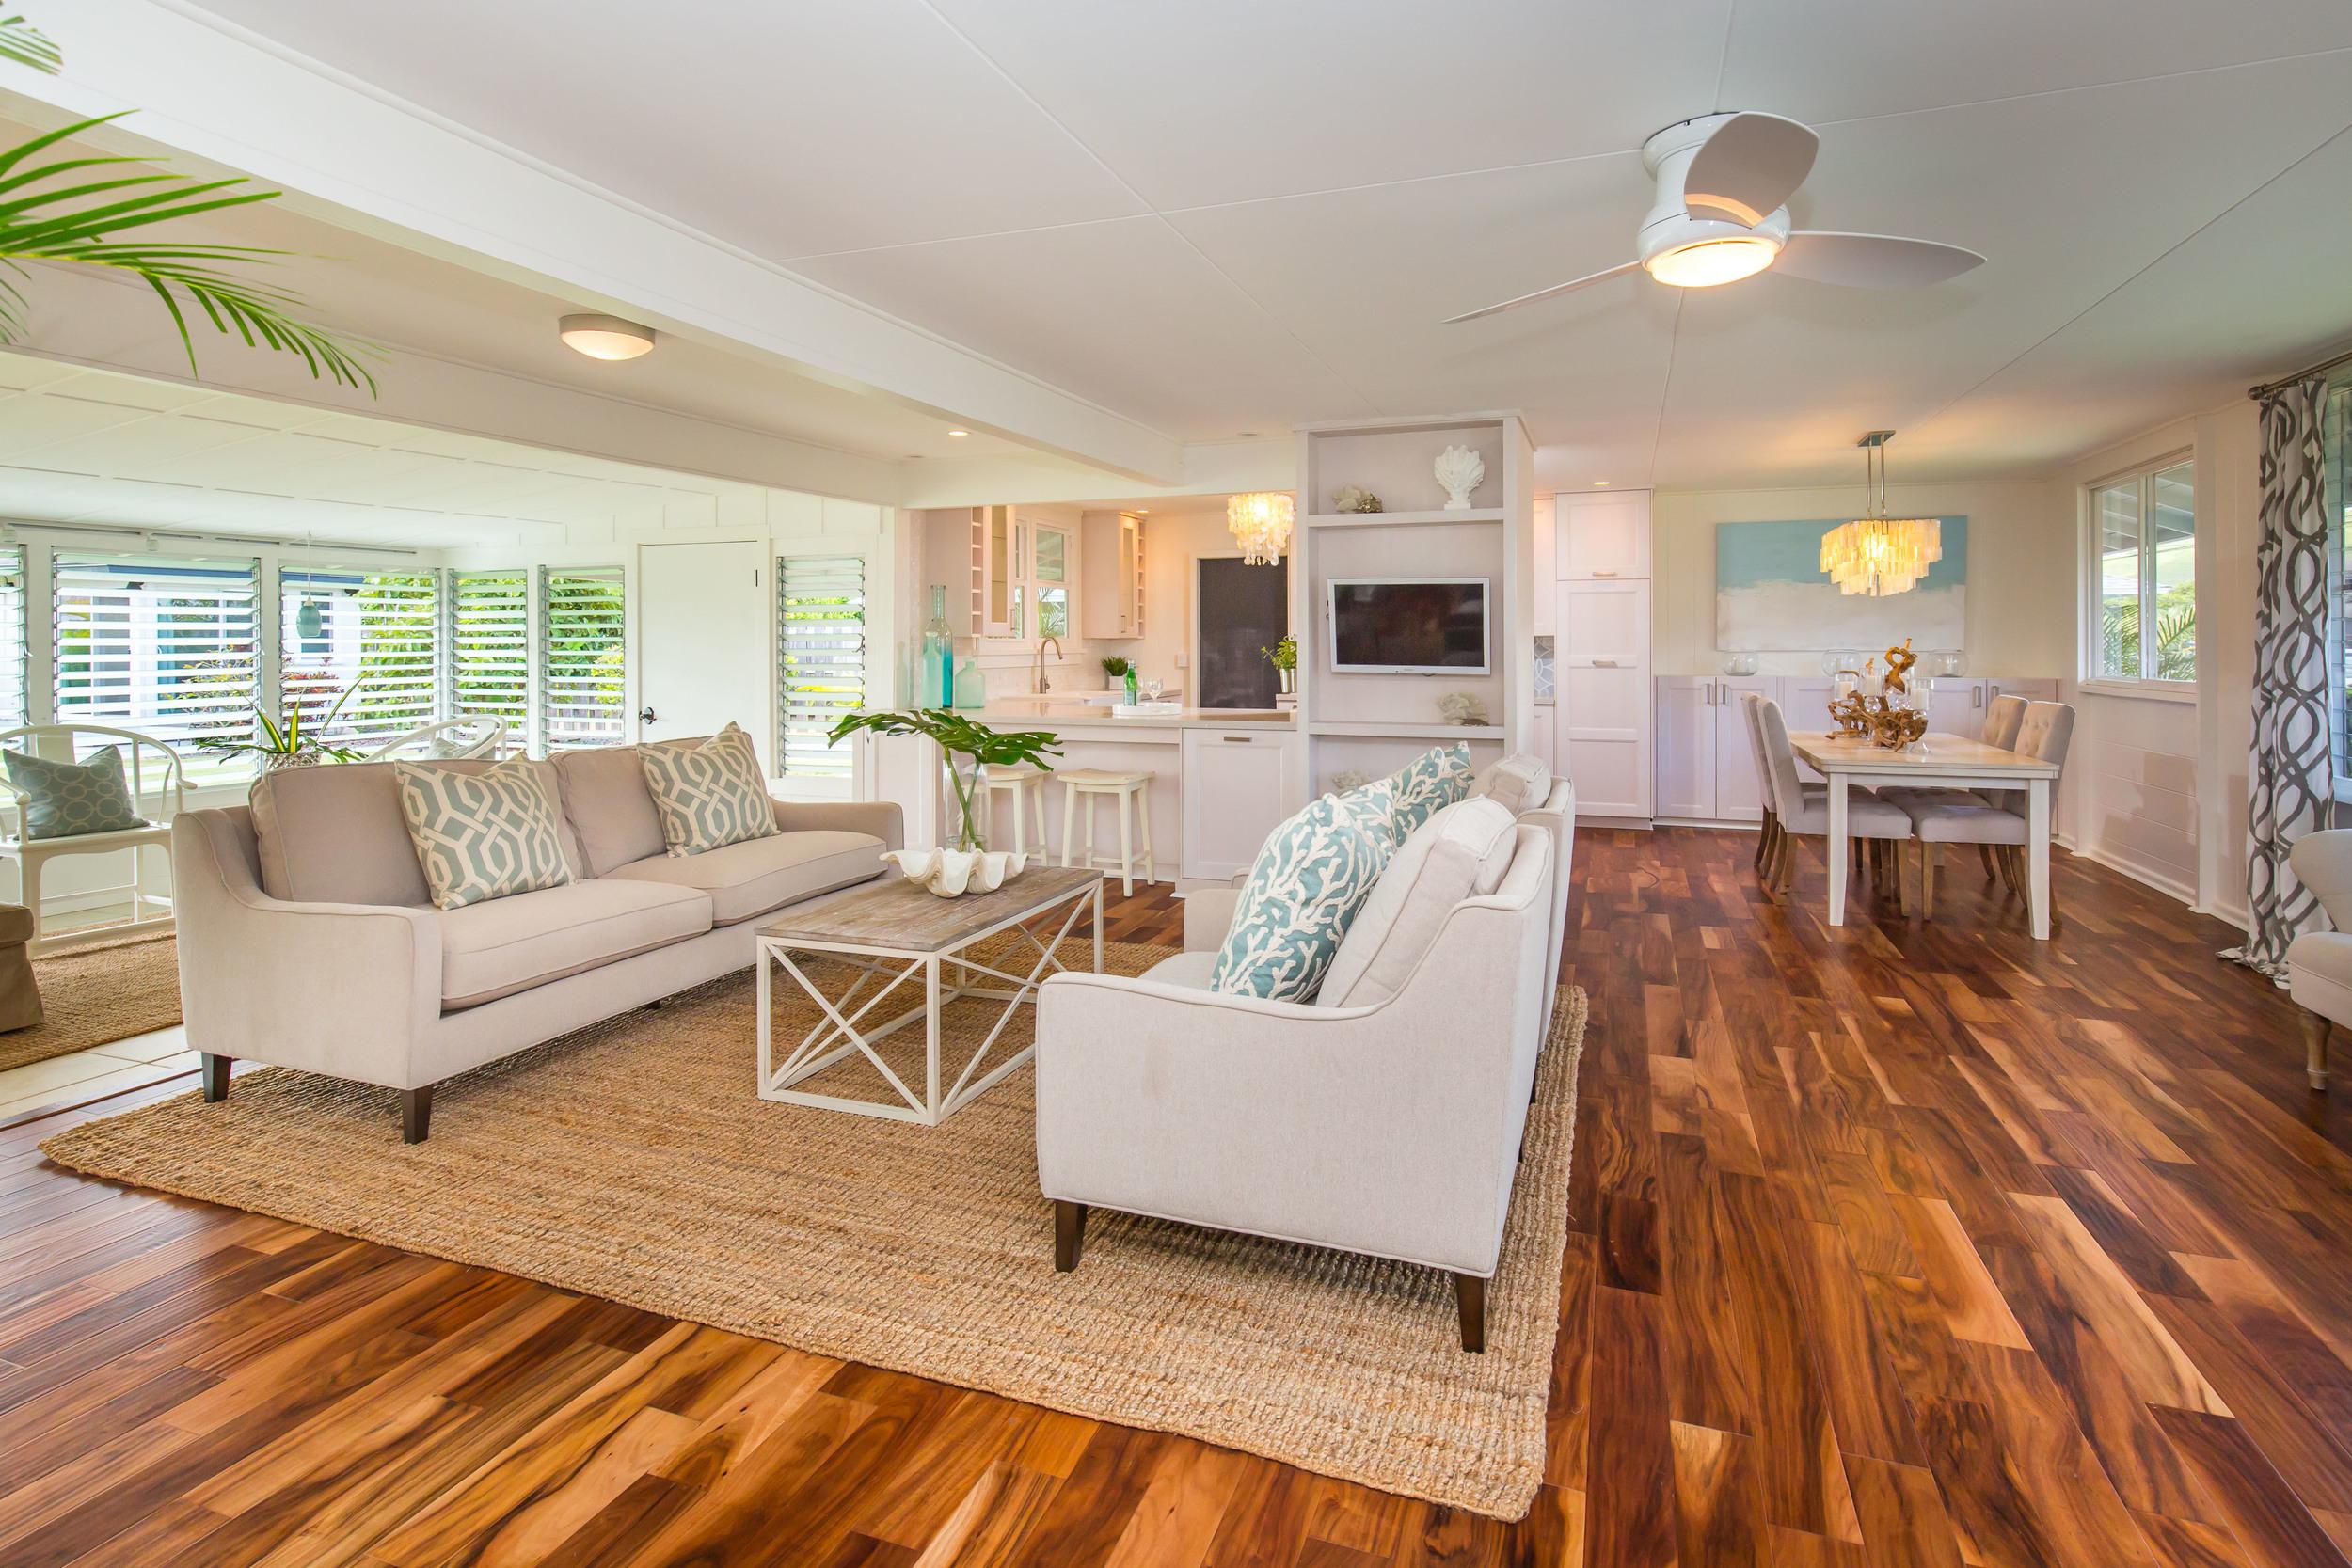 Inouye Interiors LLC, 253 Kaha Street, Kailua, Best Home Stagers Hawaii, Home Stagers in Hawaii, Stagers Hawaii, Home Stager Hawaii, Luxury Home Stager Hawaii